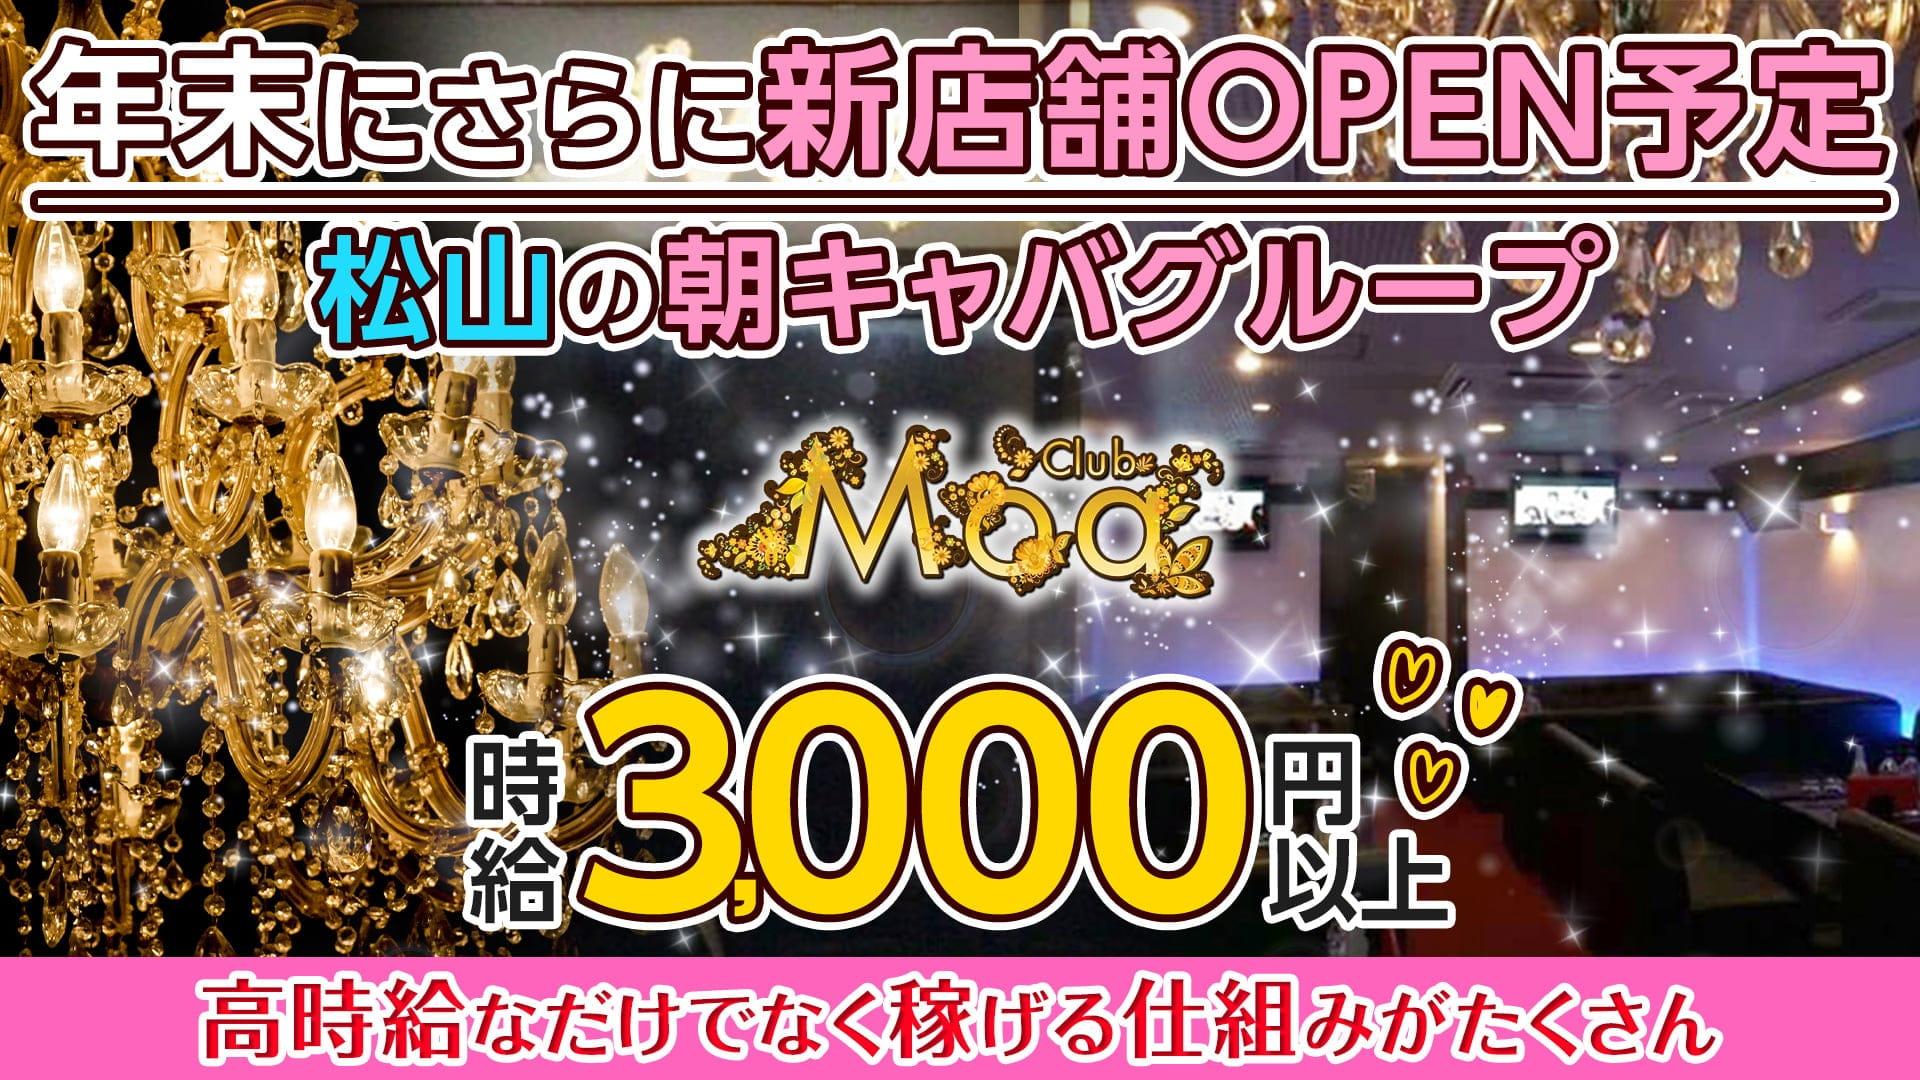 【朝・昼】CLUB Moa(モア)【公式求人・体入情報】 松山(沖縄)昼キャバ・朝キャバ TOP画像